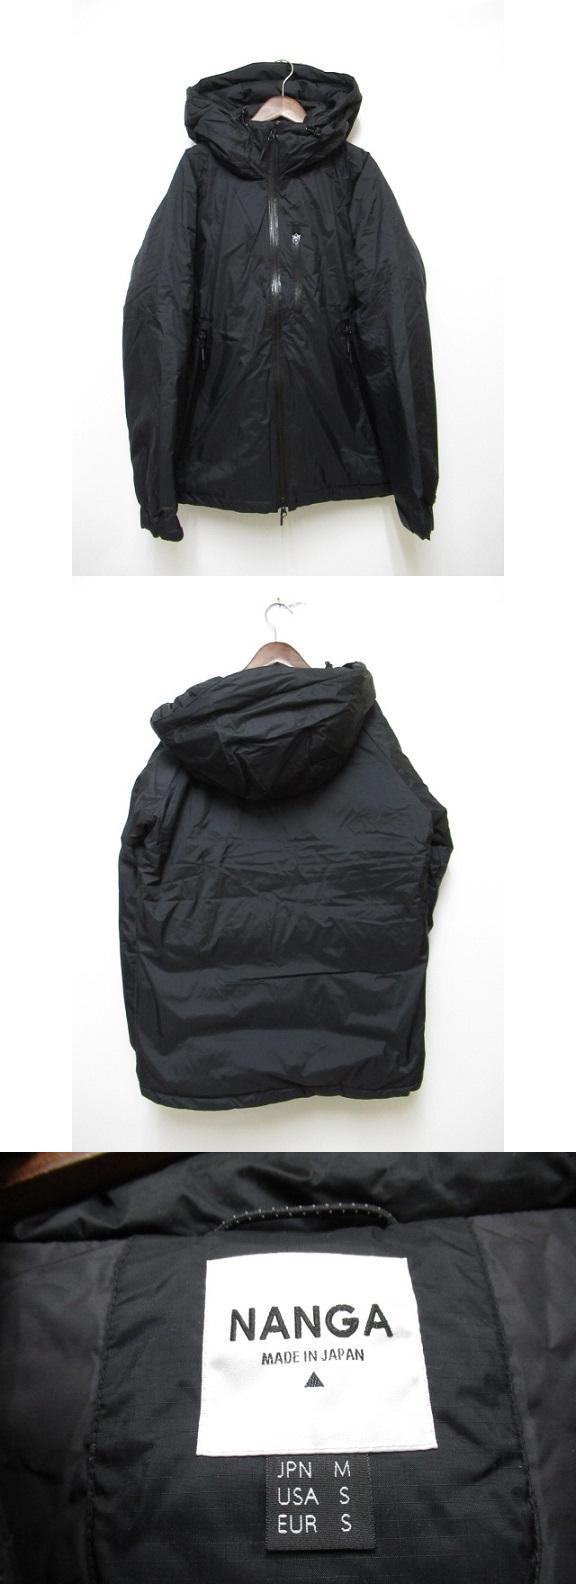 オーロラ ダウンジャケット AURORA DOWN JACKET M ブラック【ブランド古着ベクトル】【中古】200304